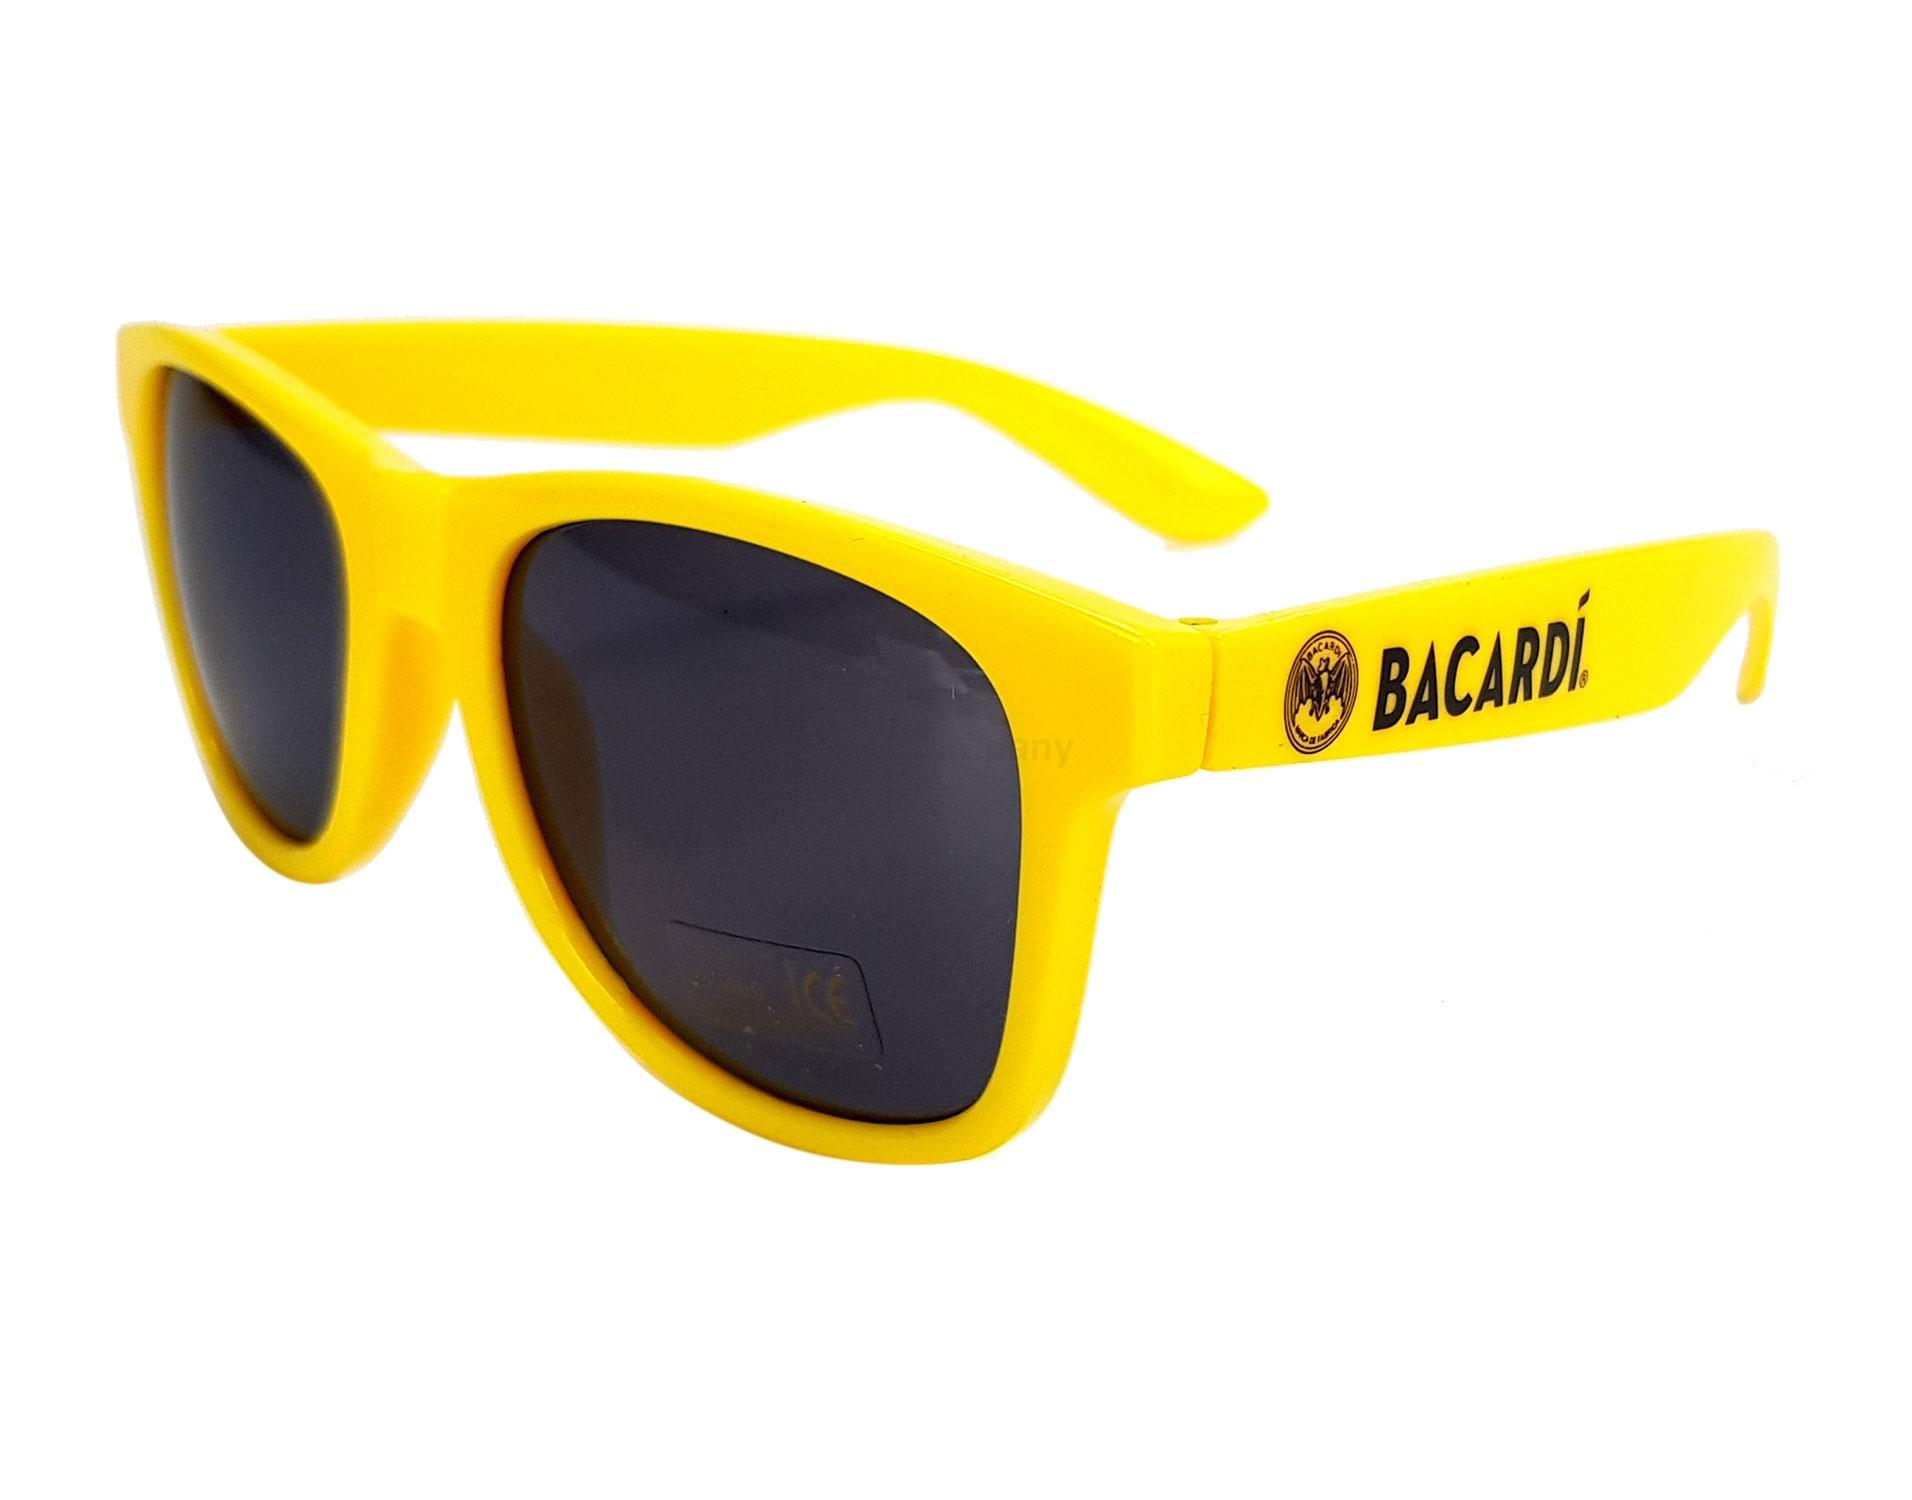 Bacardi Gelb Sonnenbrille Nerd Party Brille Gelb mit UV 400 Schutz